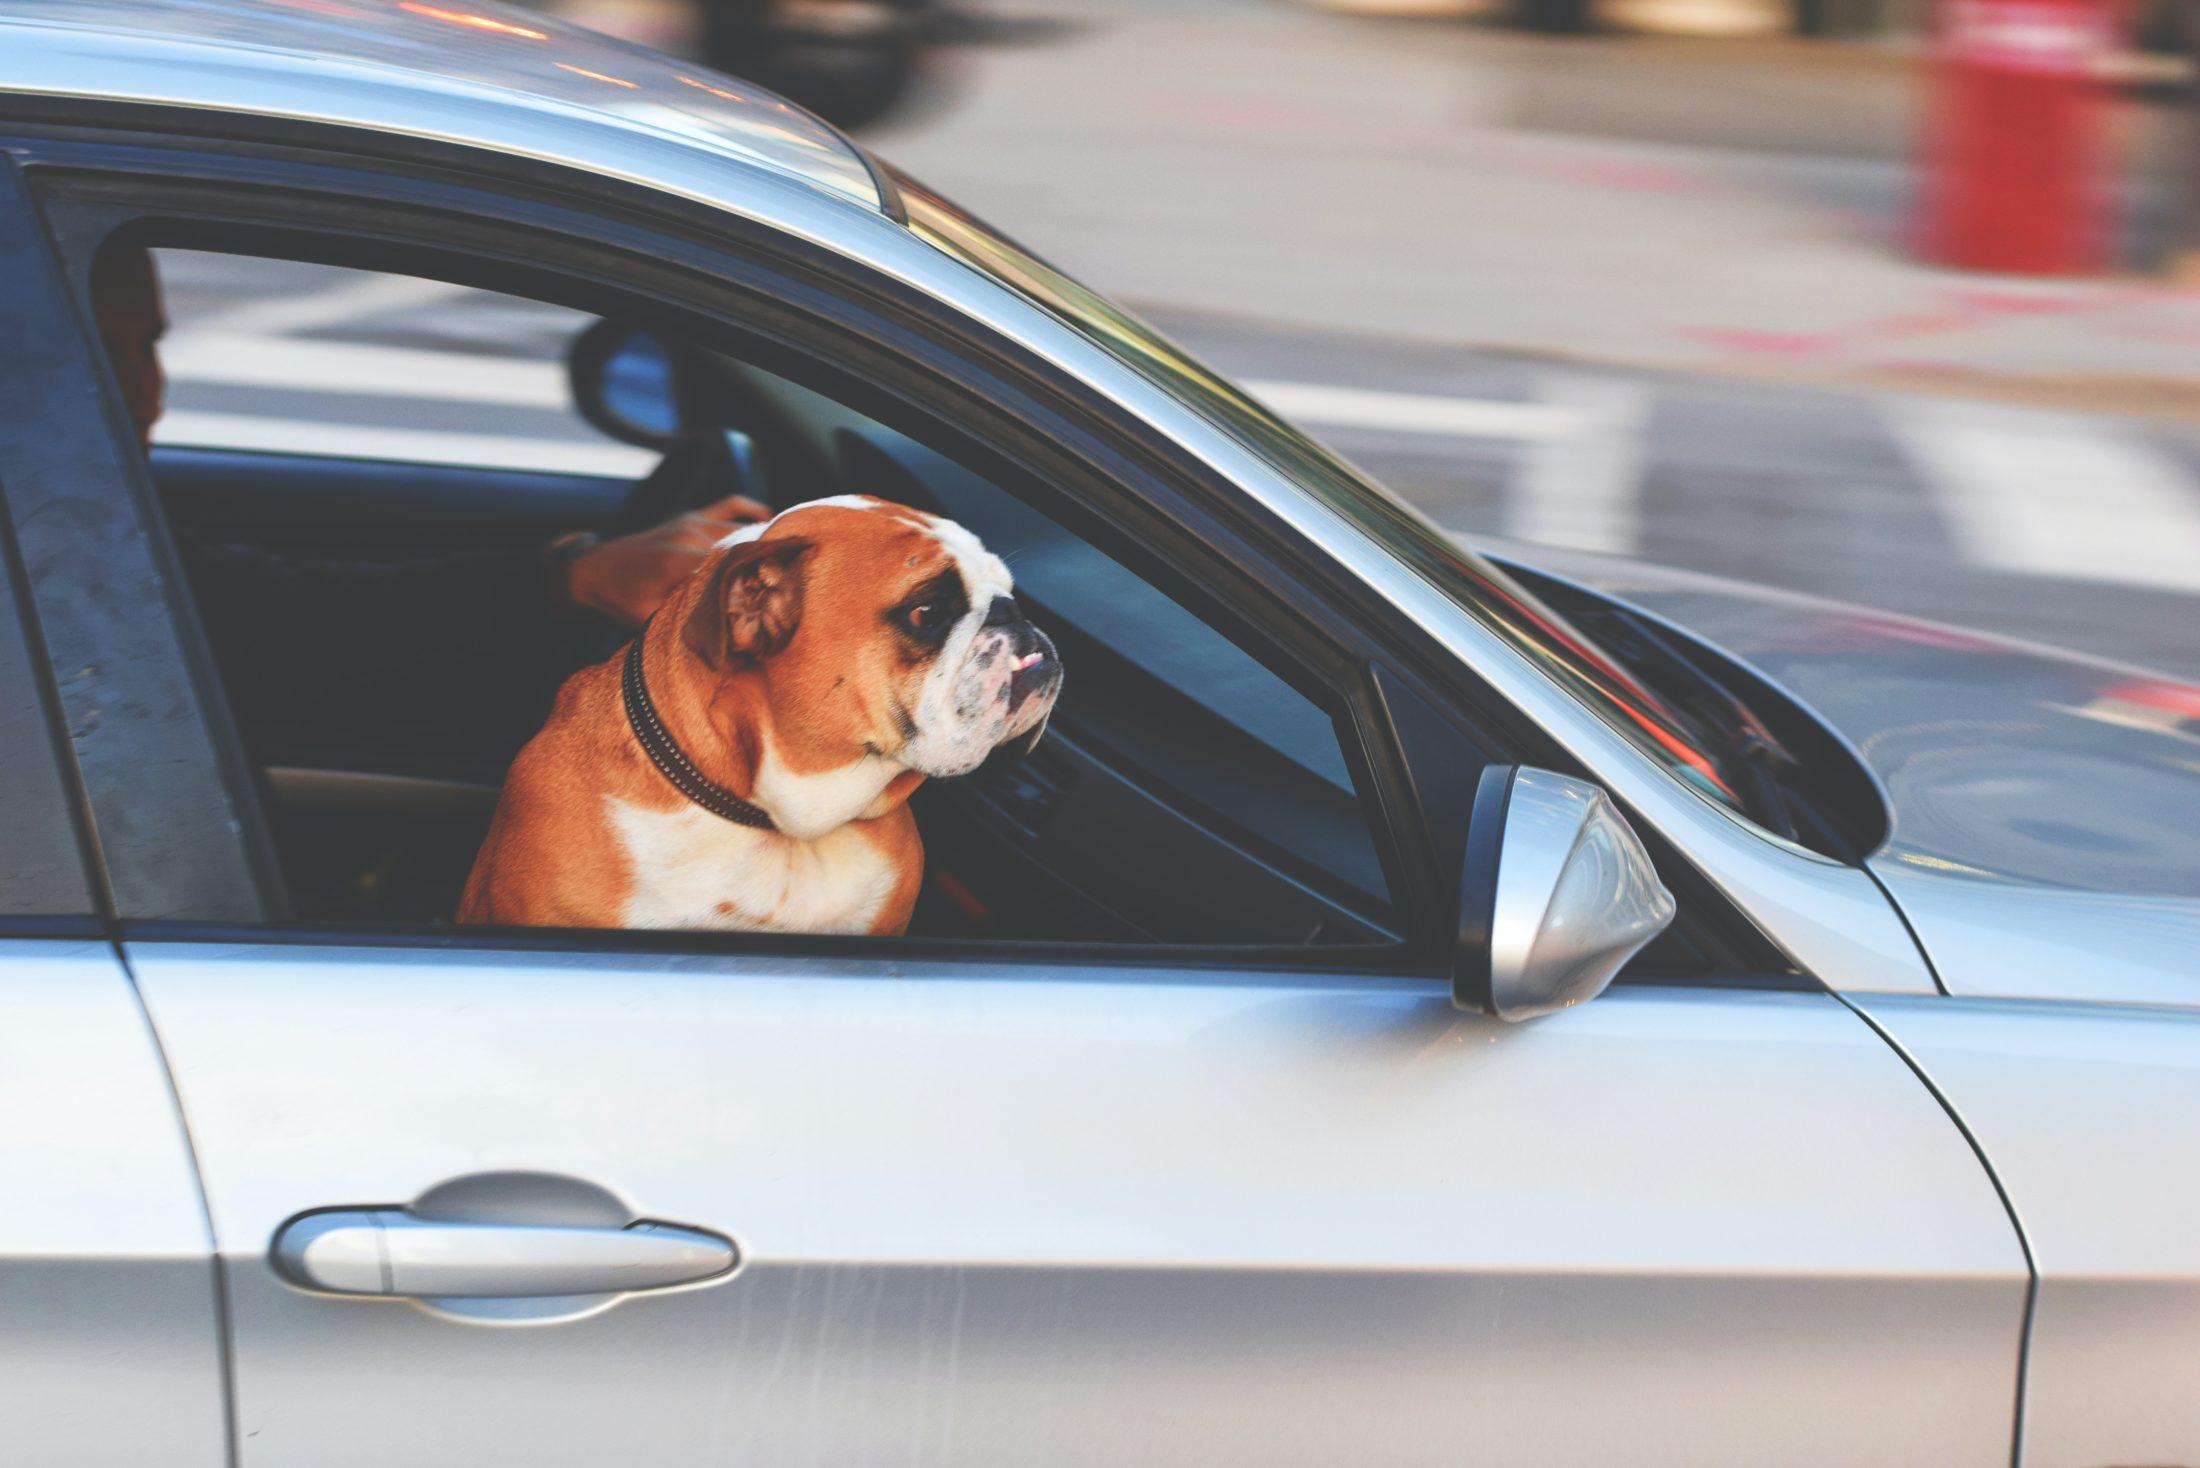 cachorro no carro sentado na janela do banco da frente